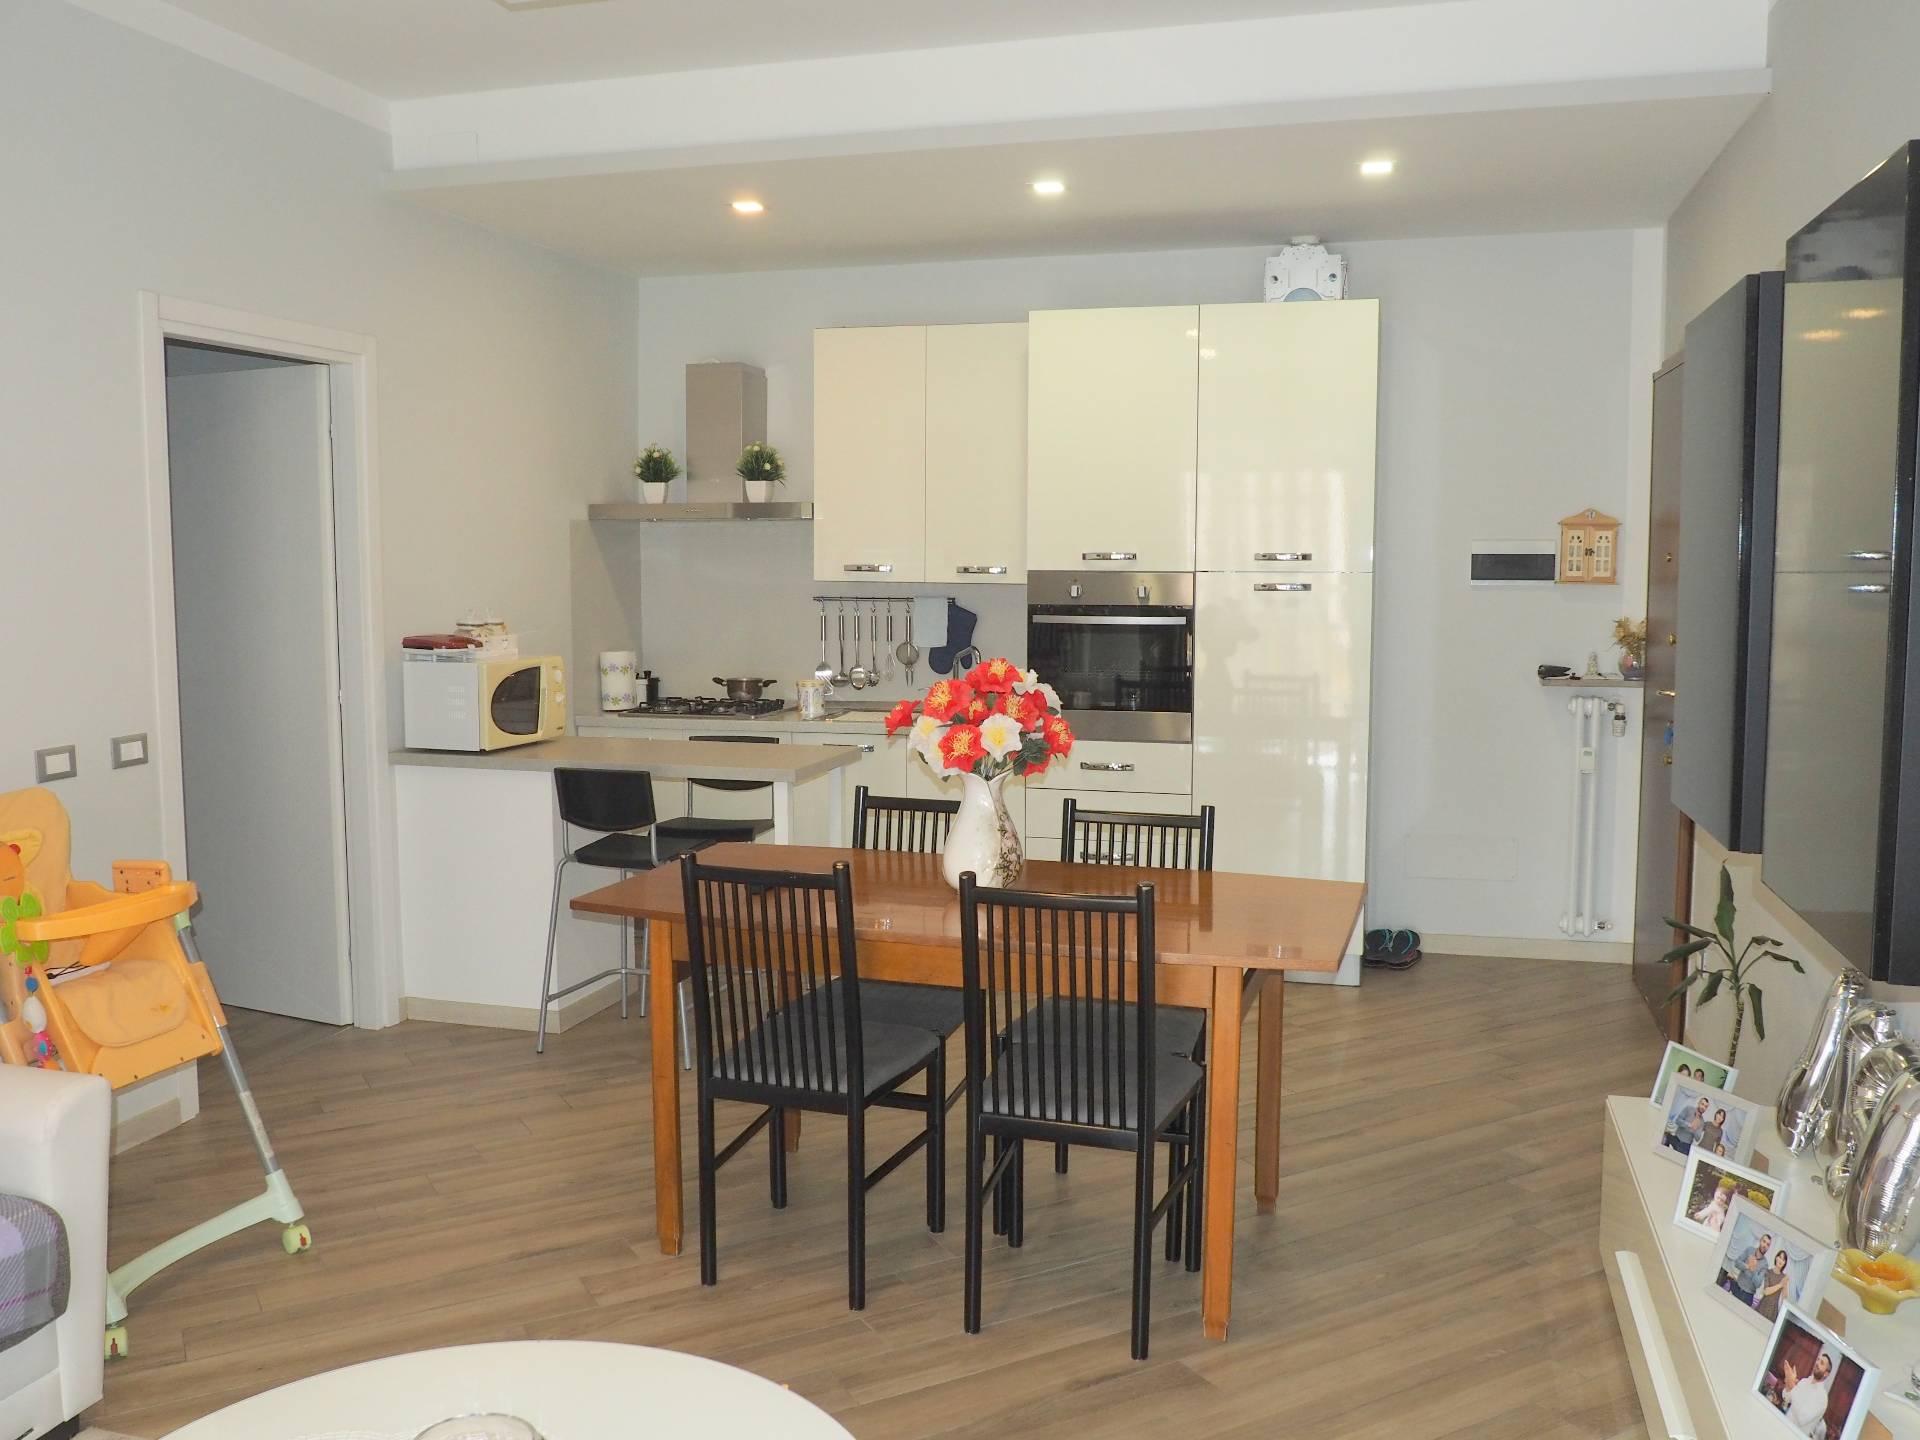 Appartamento in vendita a Capriate San Gervasio, 3 locali, prezzo € 69.000 | CambioCasa.it